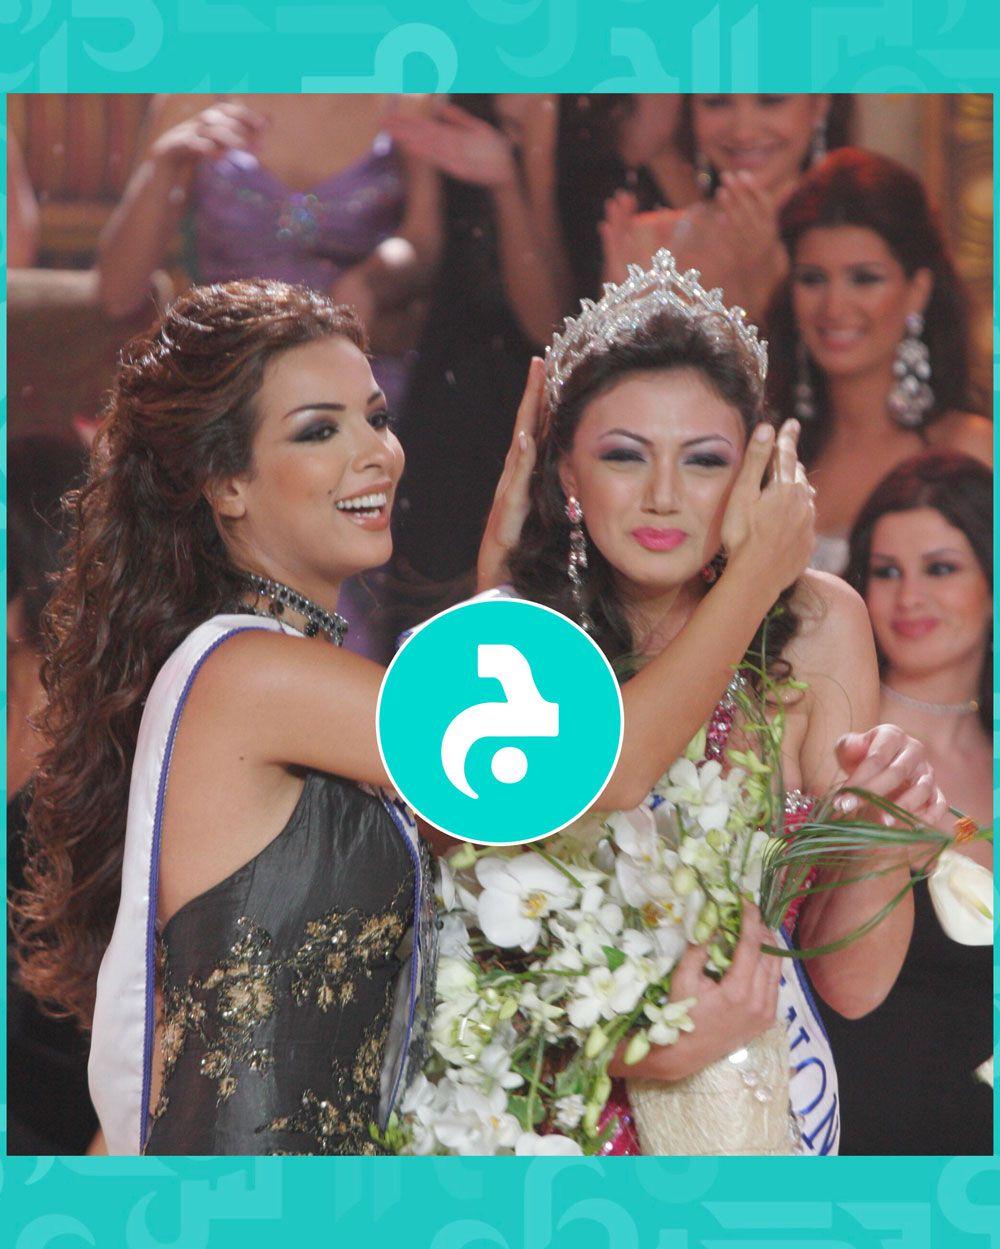 نادين نجيم تسلم التاج لملكة جمال لبنان العام 2005 غبريال بو راشد